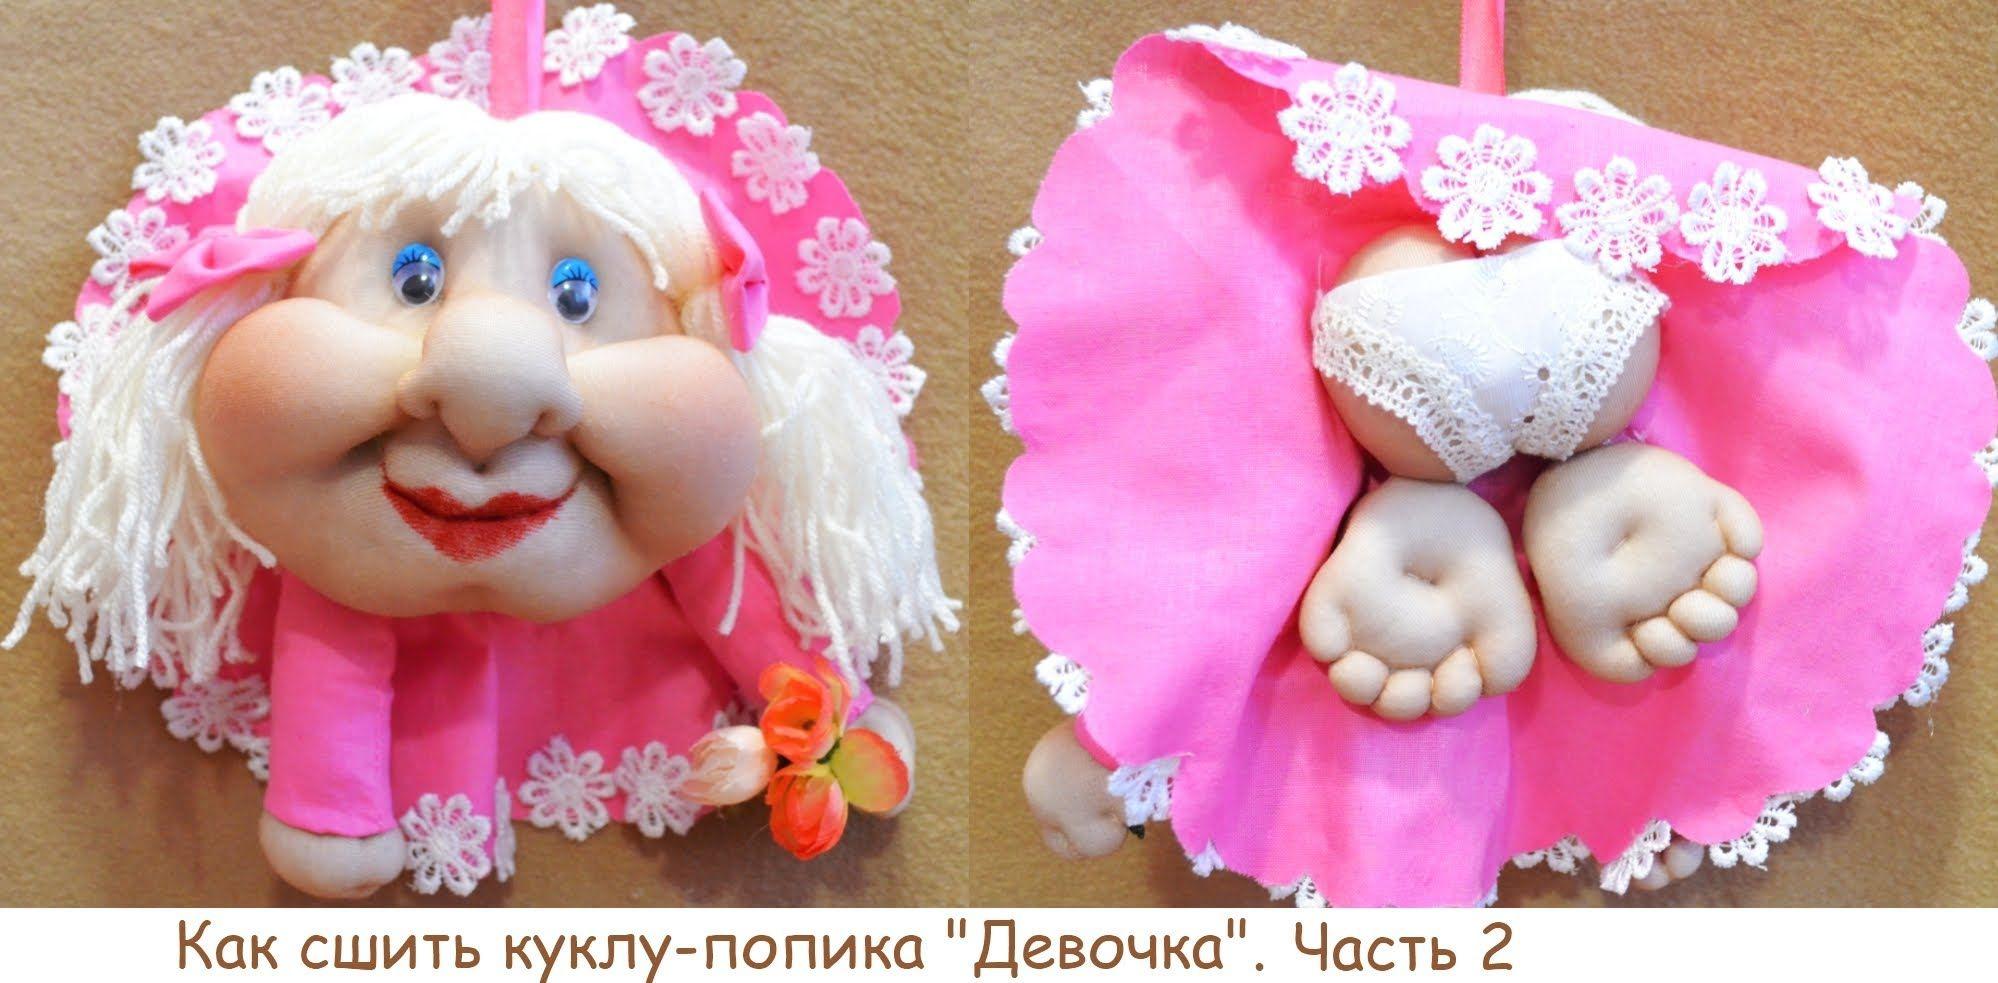 Кукла попик из капроновых колготок: пошаговый мастер-класс как сделать игрушку